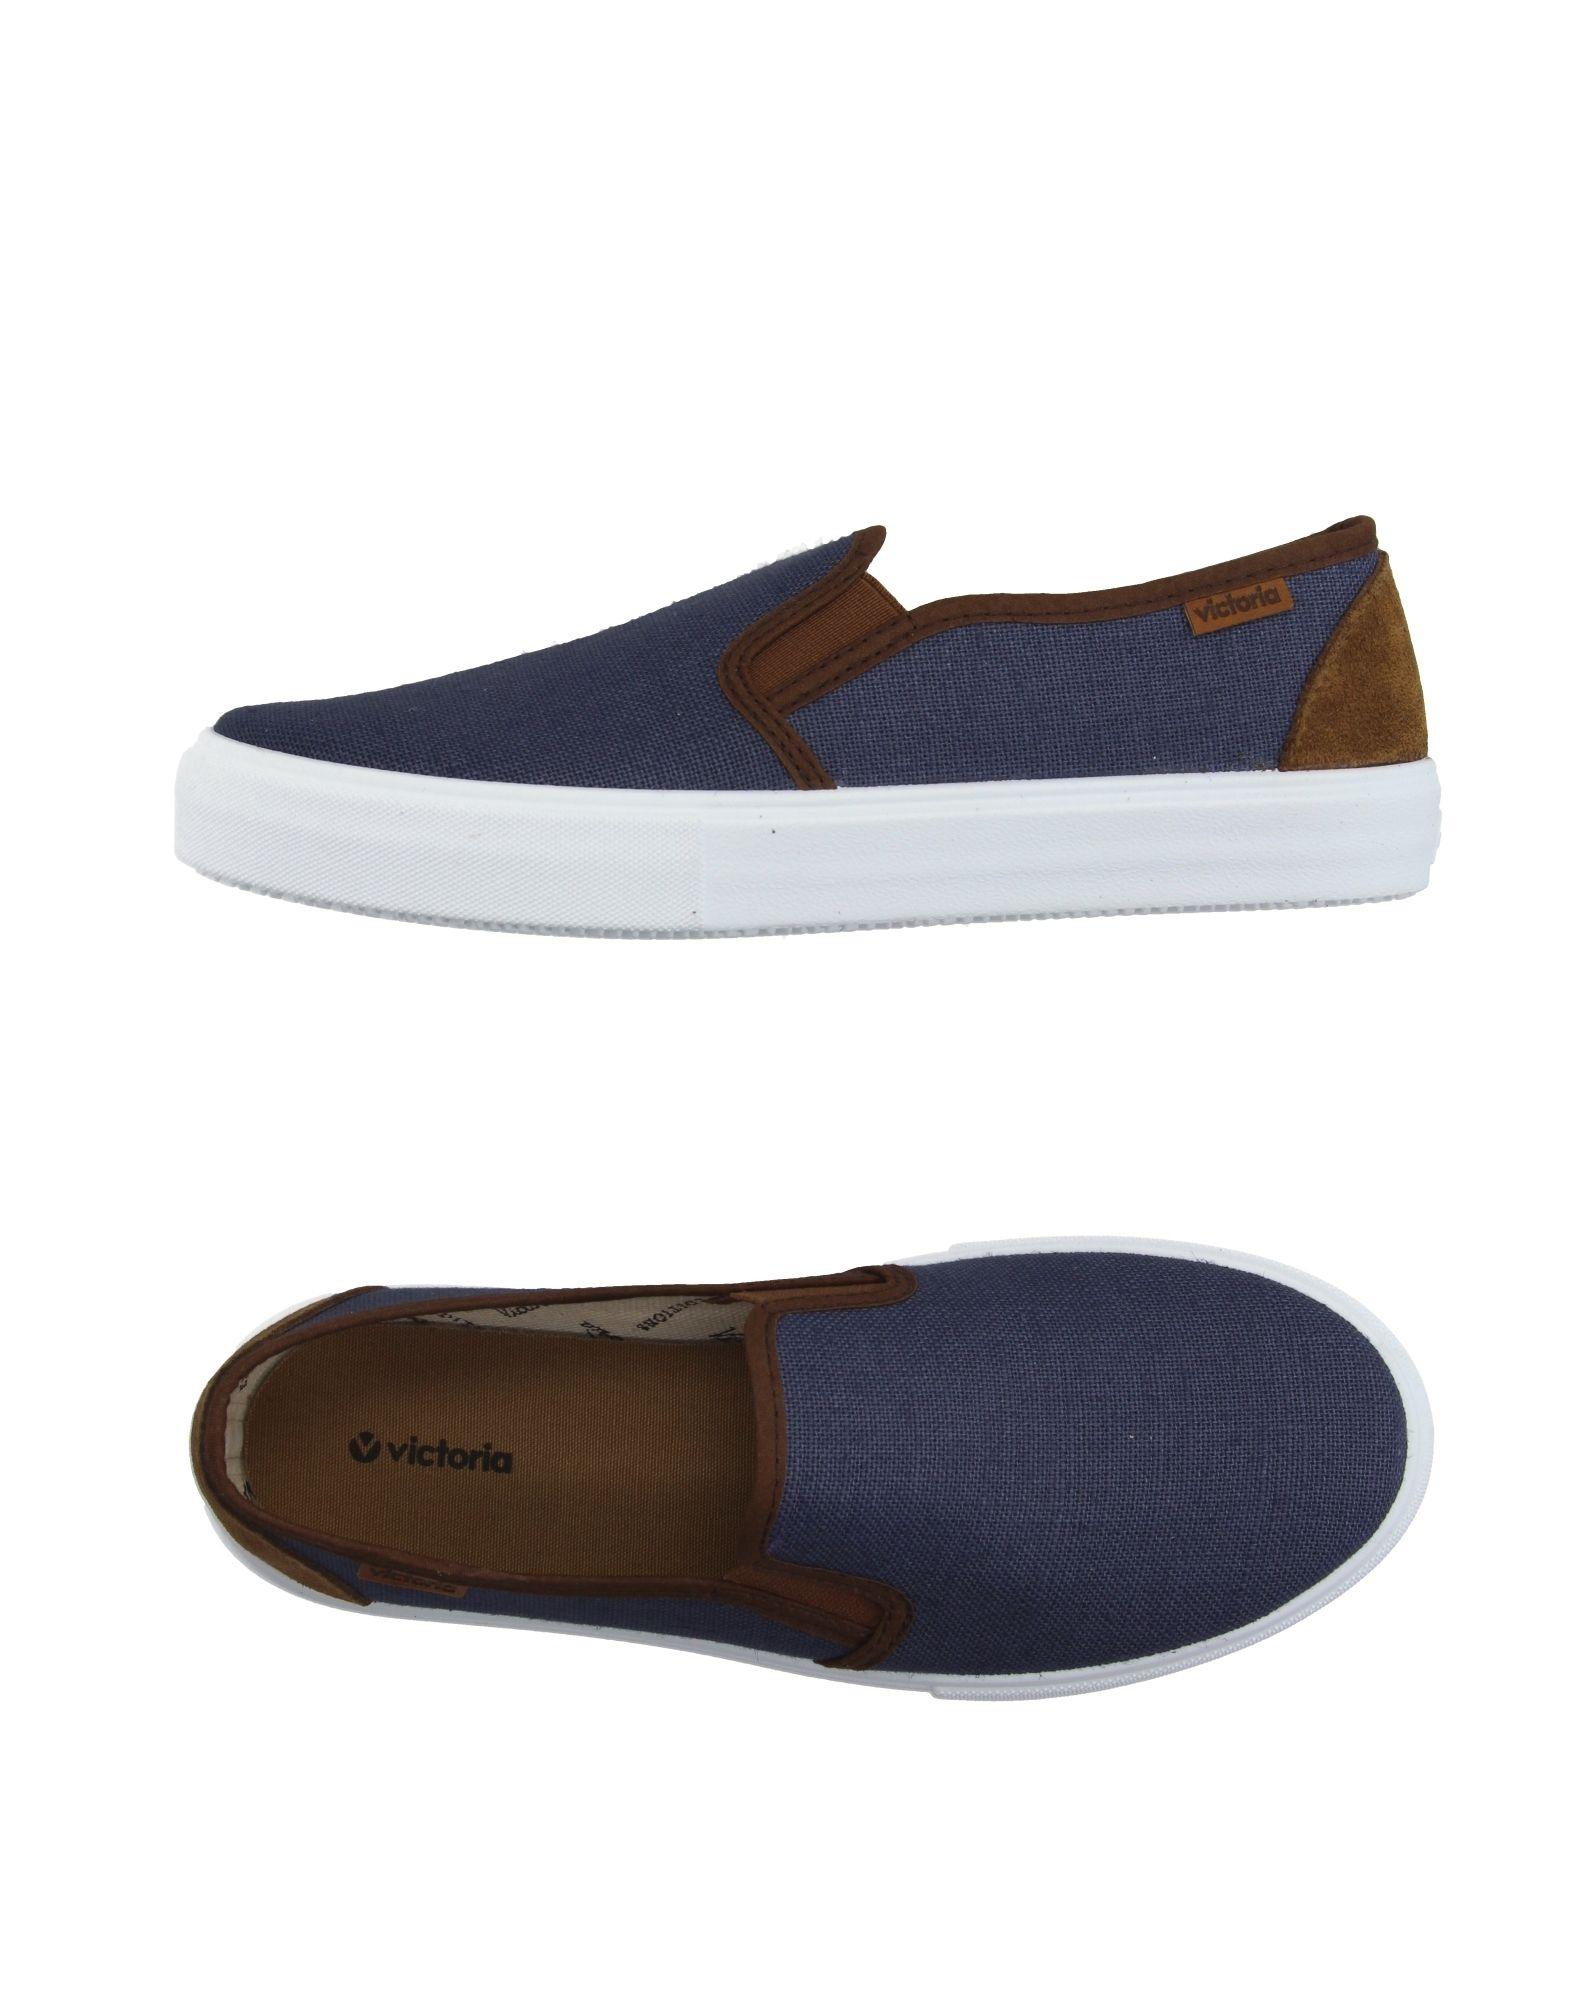 Moda Sneakers Victoria Uomo - 11005922NI